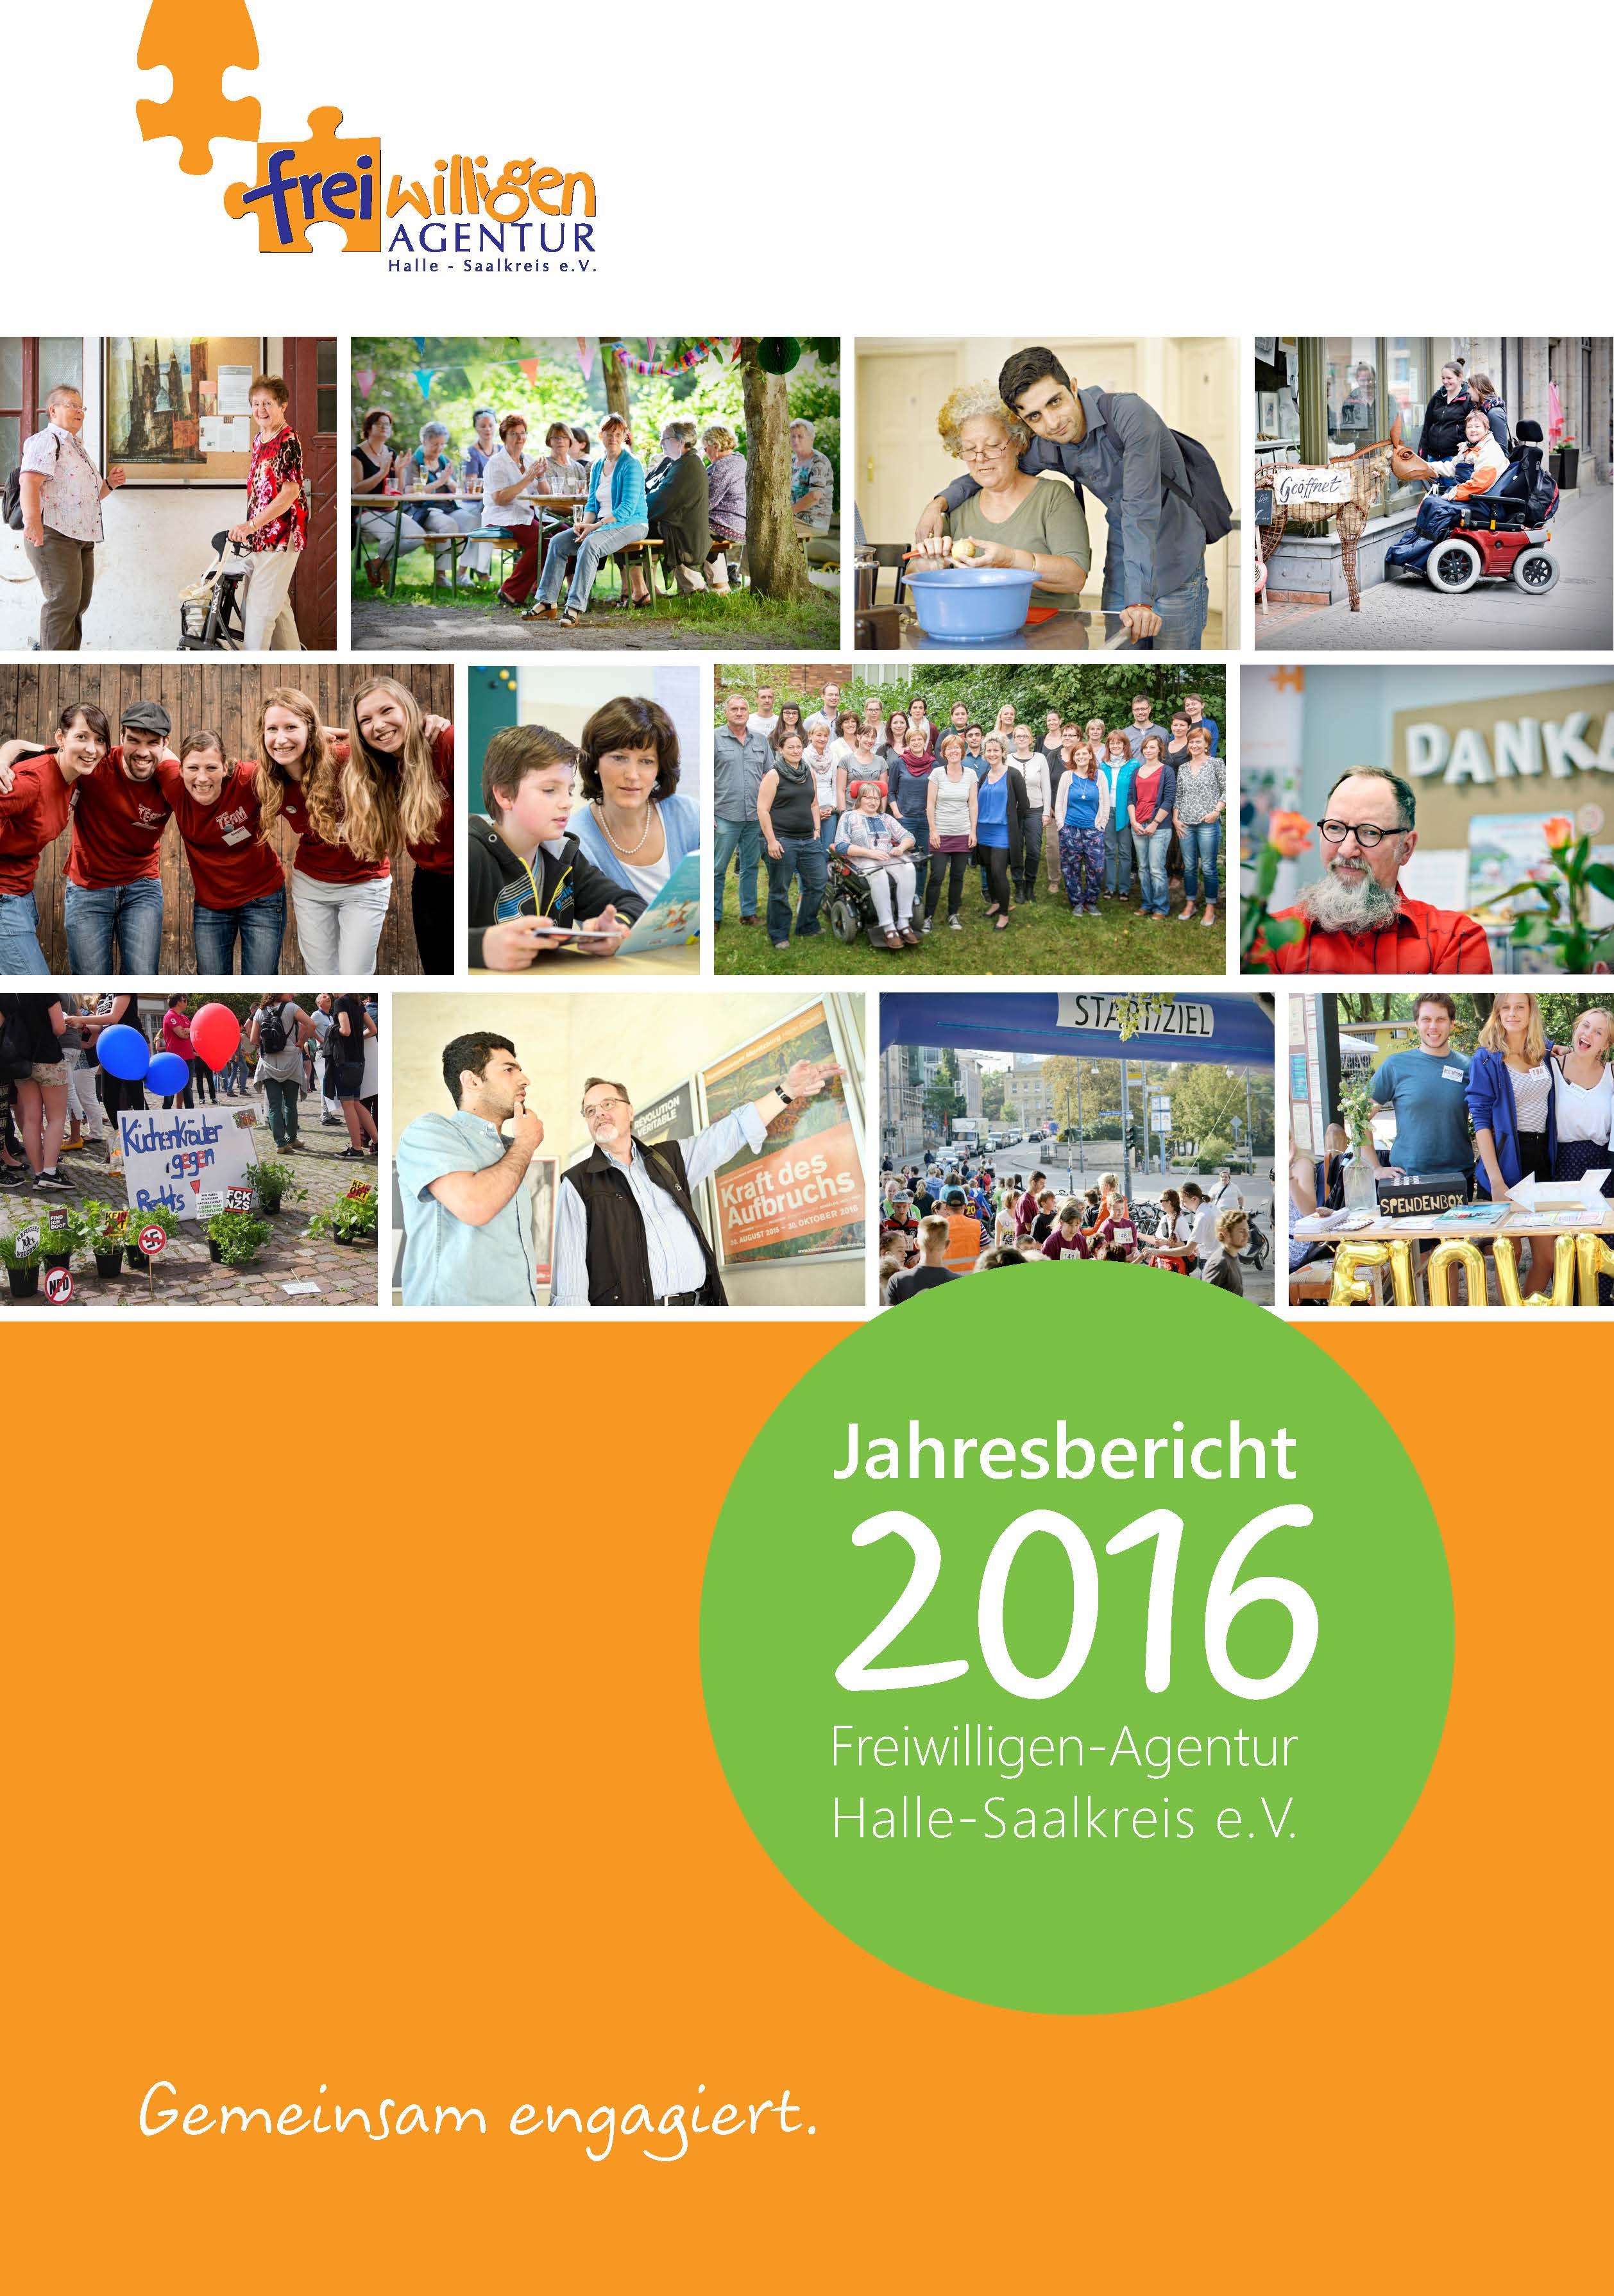 jahresbericht_2016 Deckblatt_Seite_01